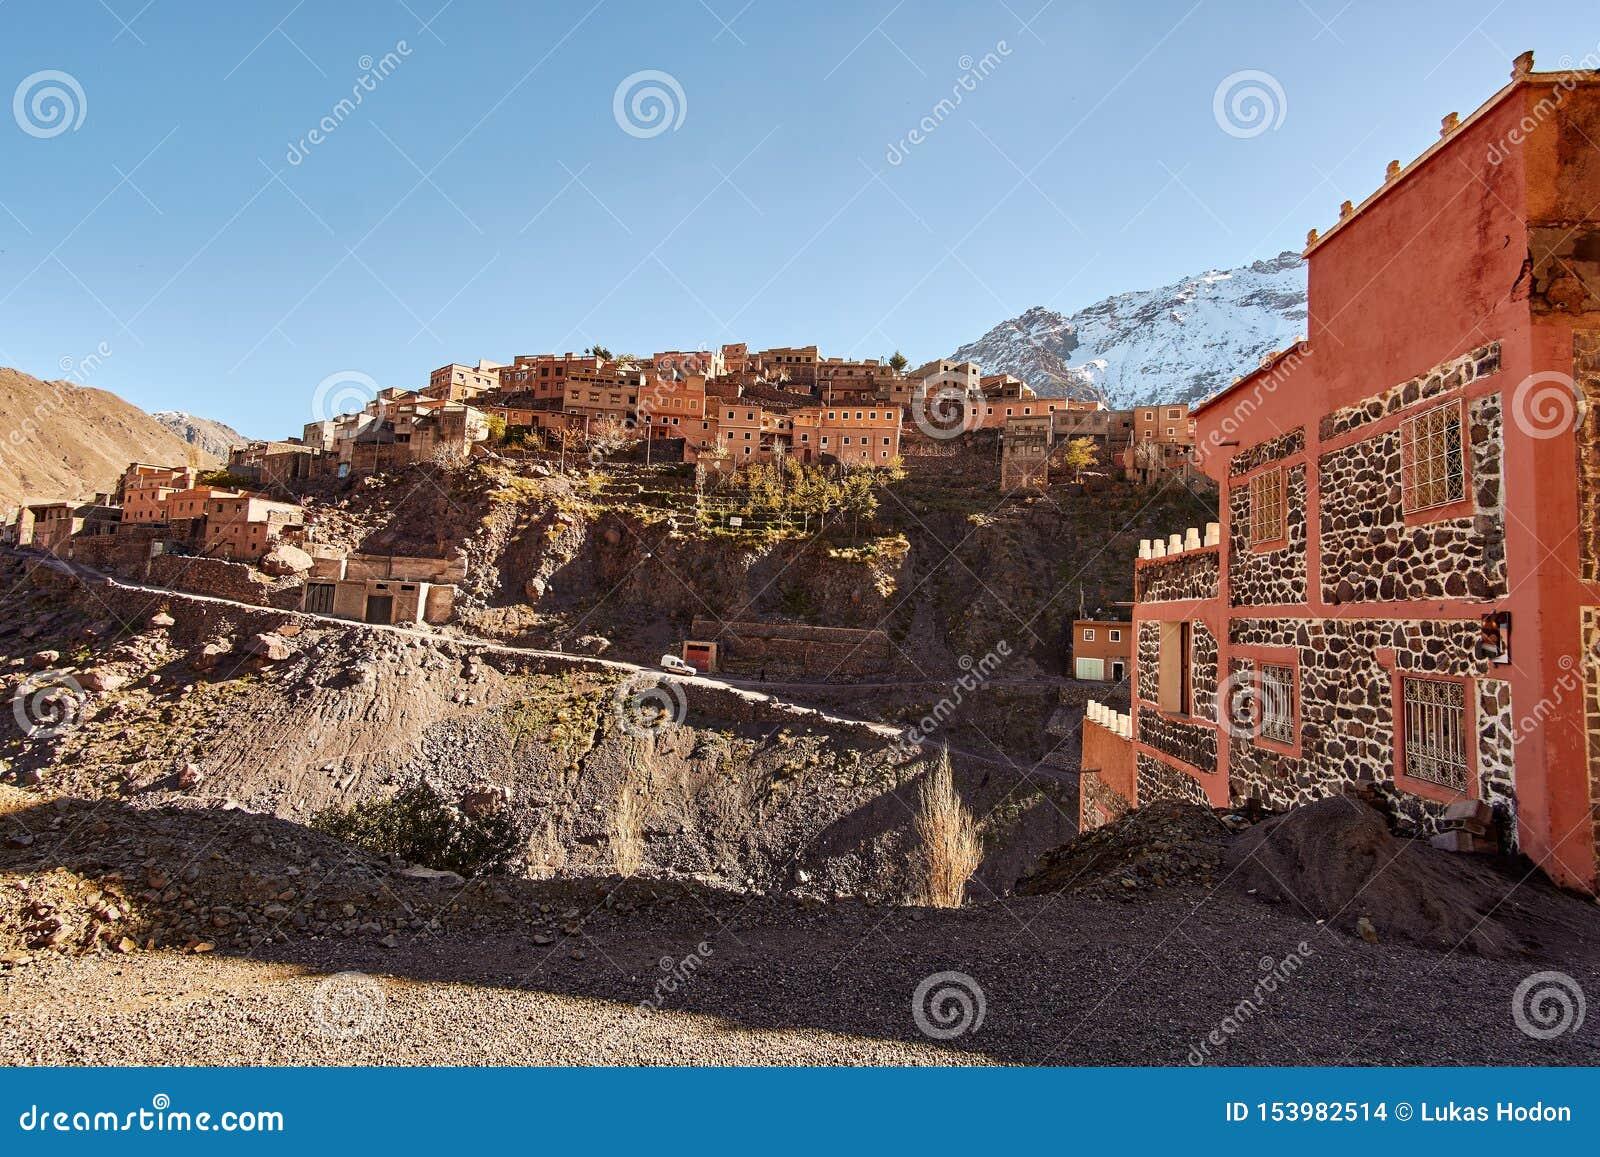 Traditioneel Marokkaans bergdorp in Hoge Atlasbergen